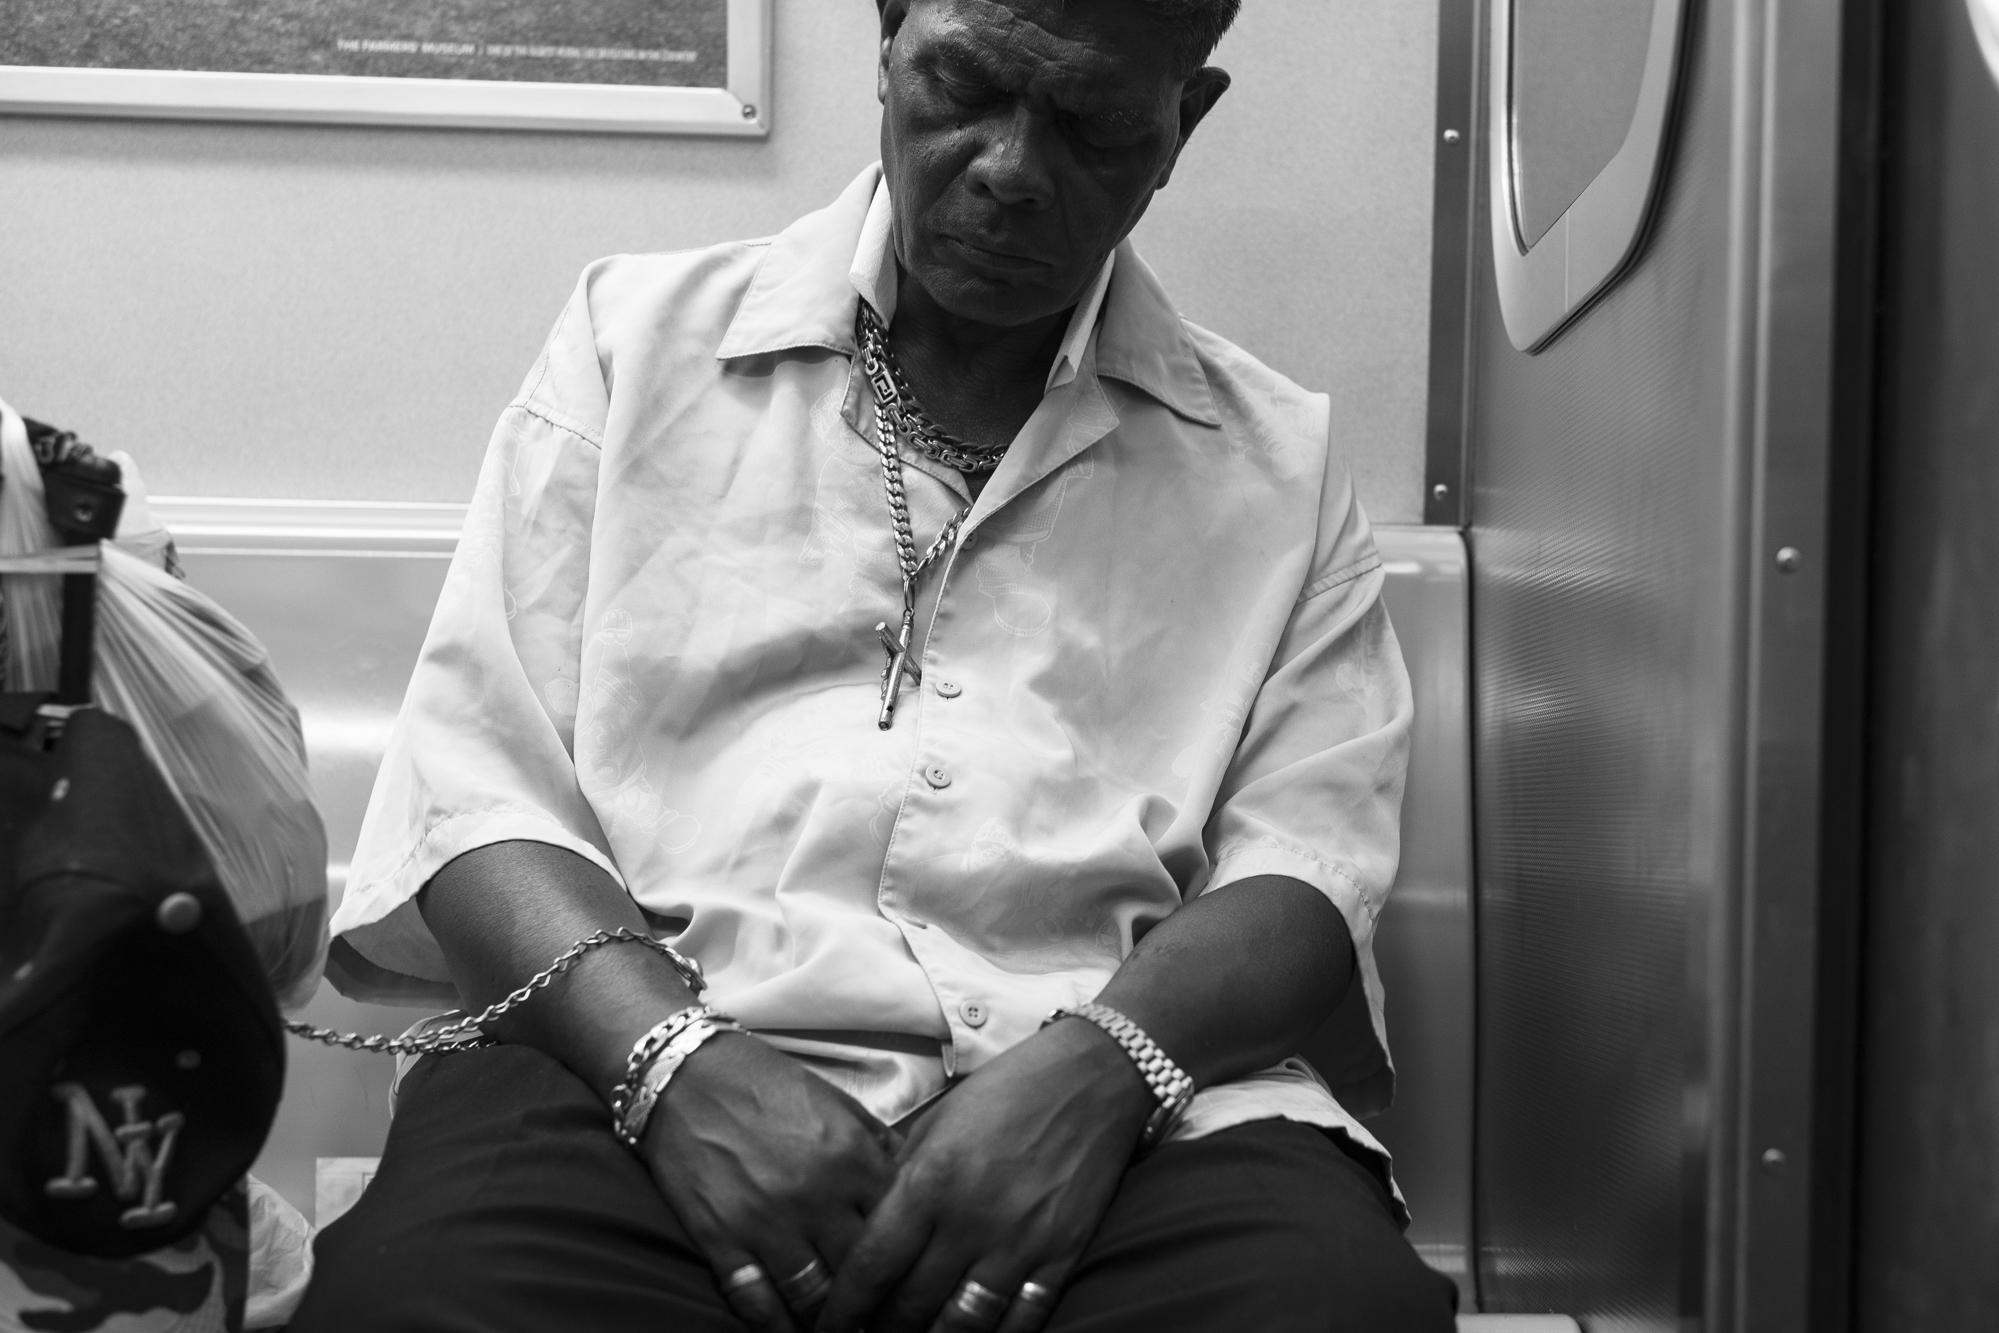 1 Train Manhattan, N.Y